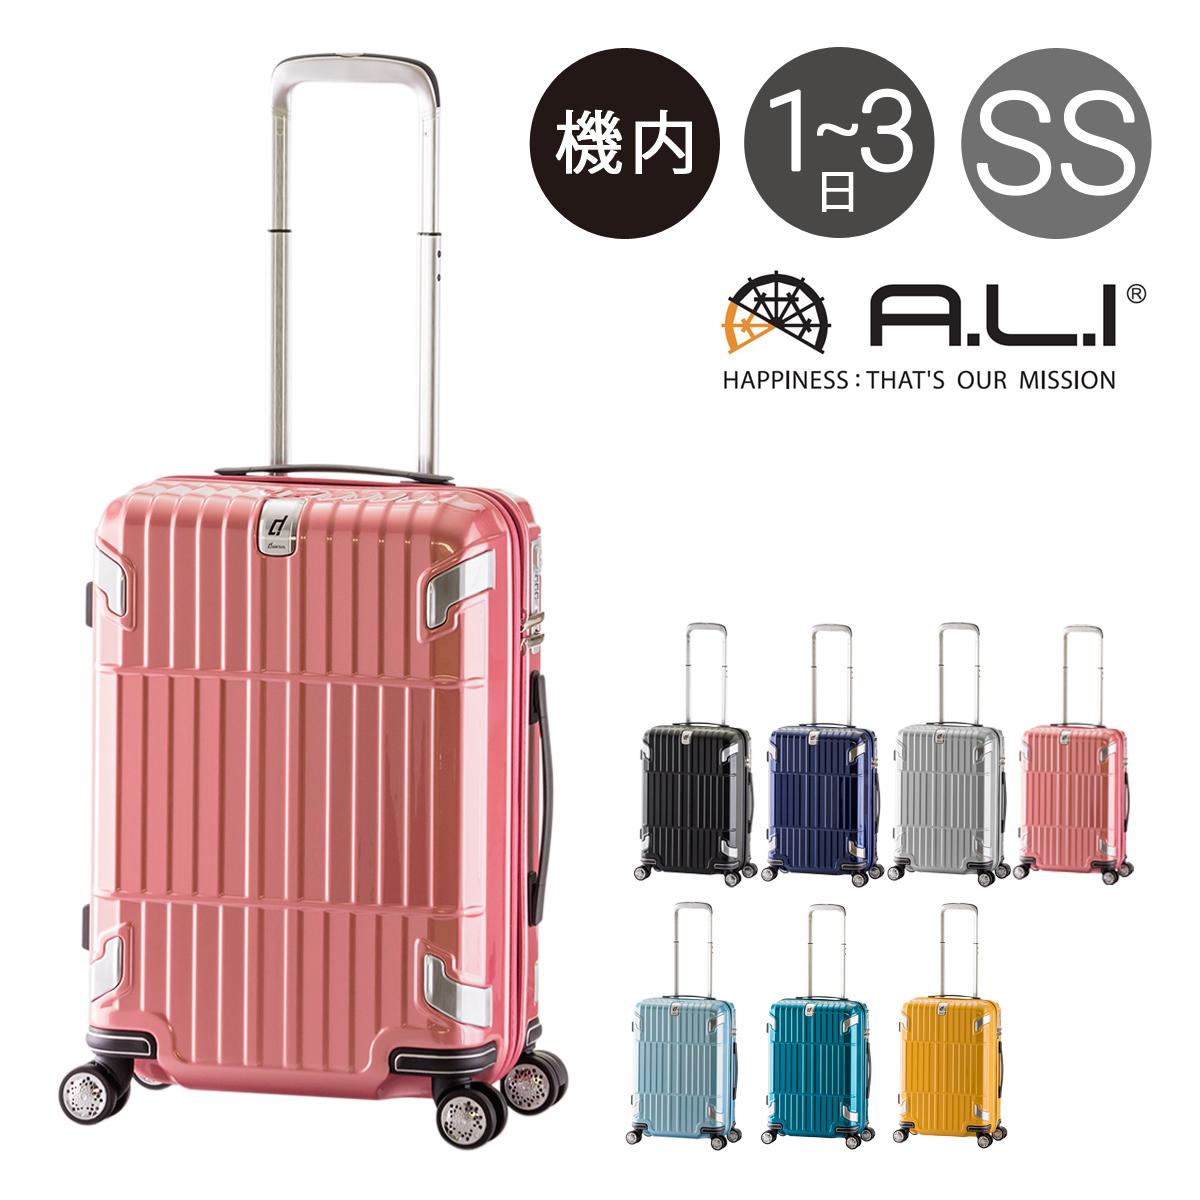 アジアラゲージ スーツケース|機内持ち込み 33L 50cm 3.4kg HD-502S-22 ハード ファスナー A.L.I departure ディパーチャー|ストッパー付き TSAロック搭載 キャリーケース ハードキャリー[PO10][bef]